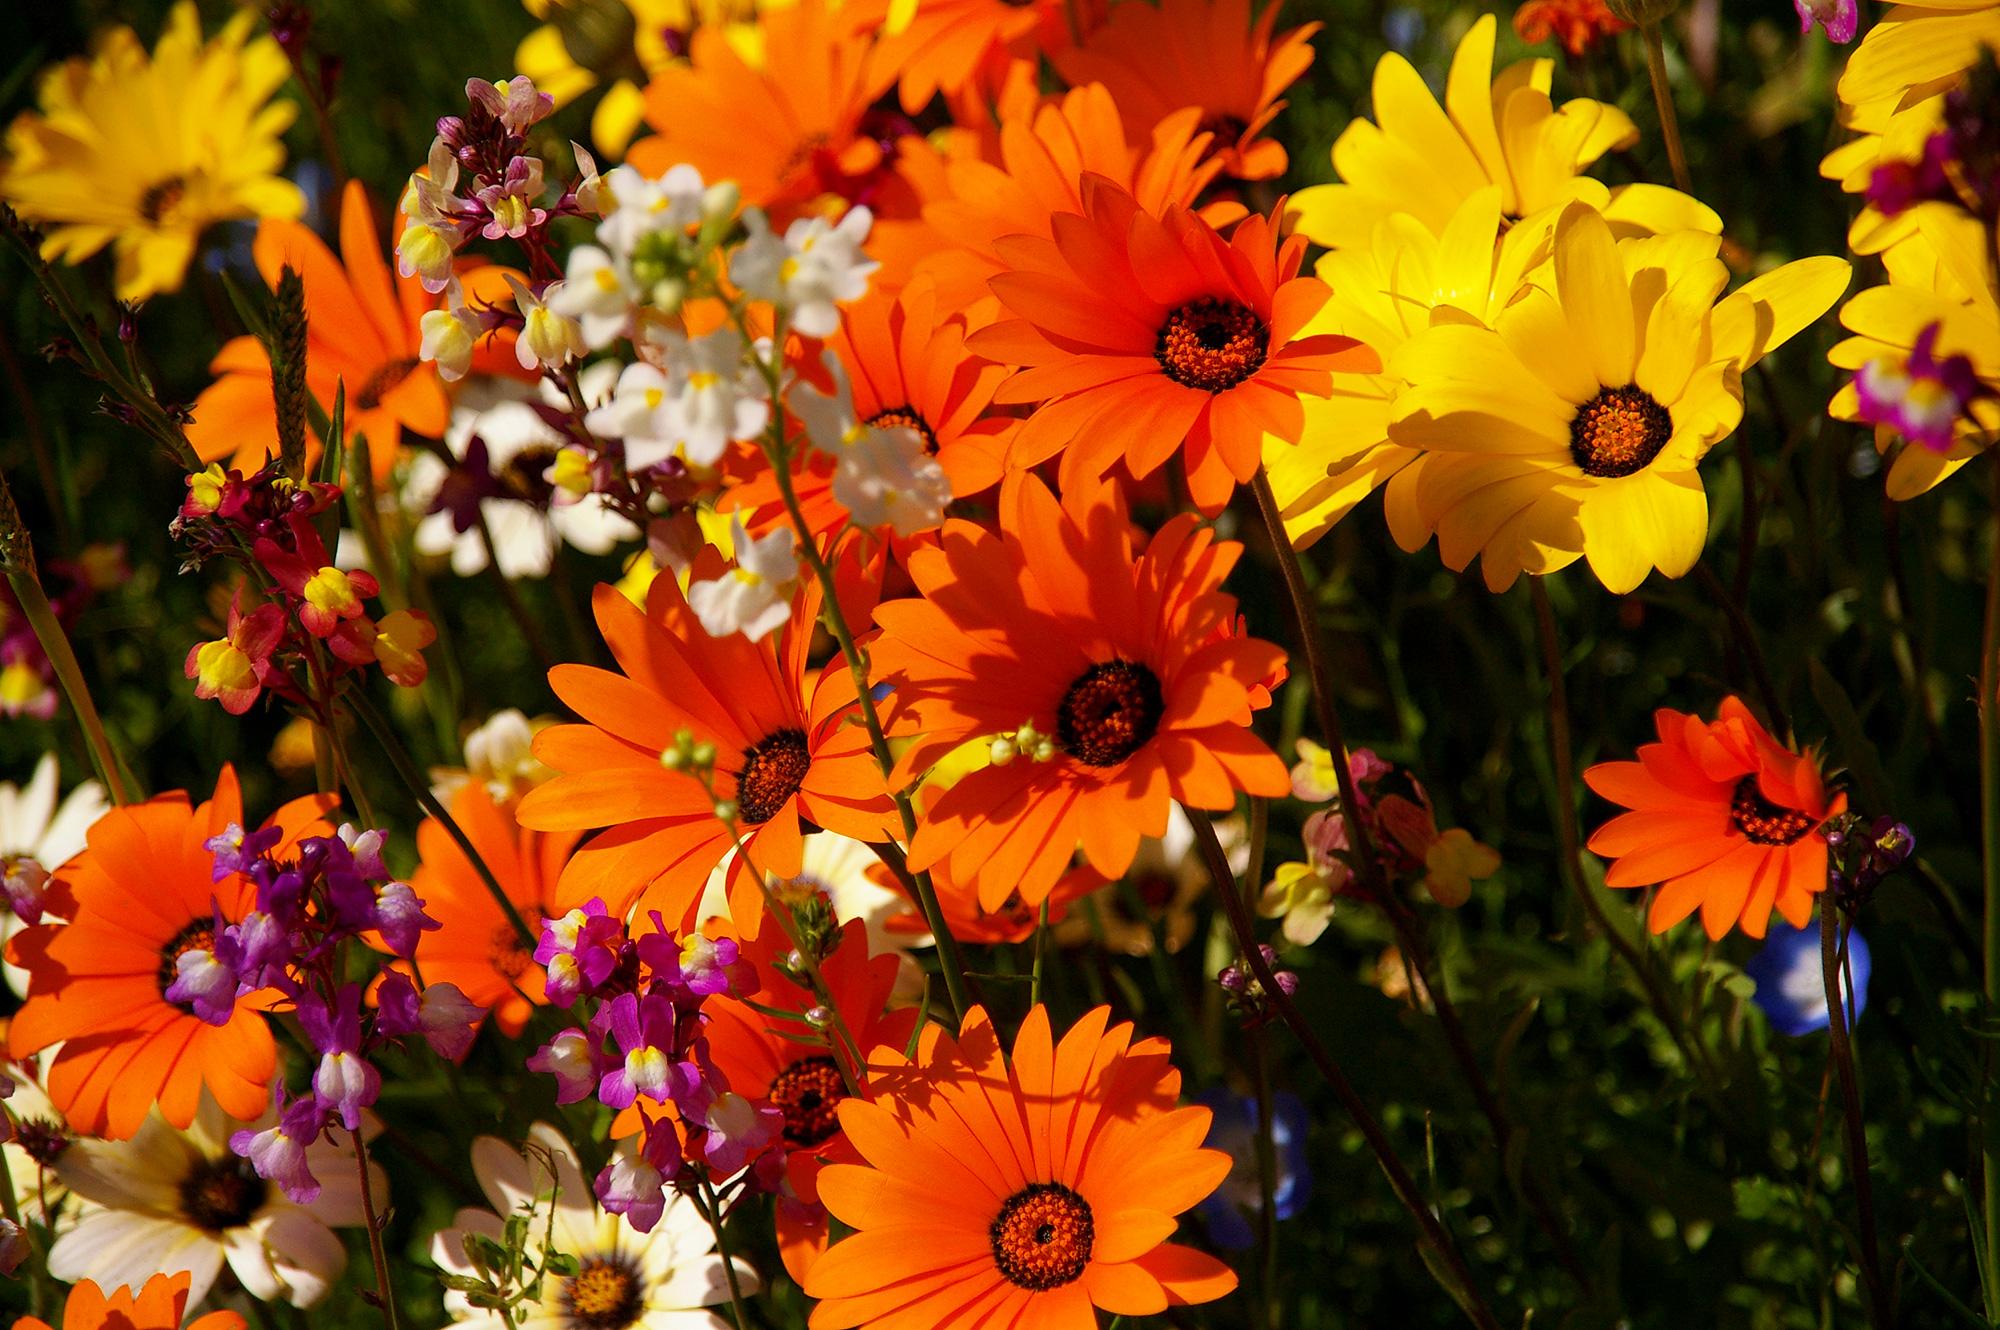 オレンジや黄色の鮮やかな花の写真のフリー素材